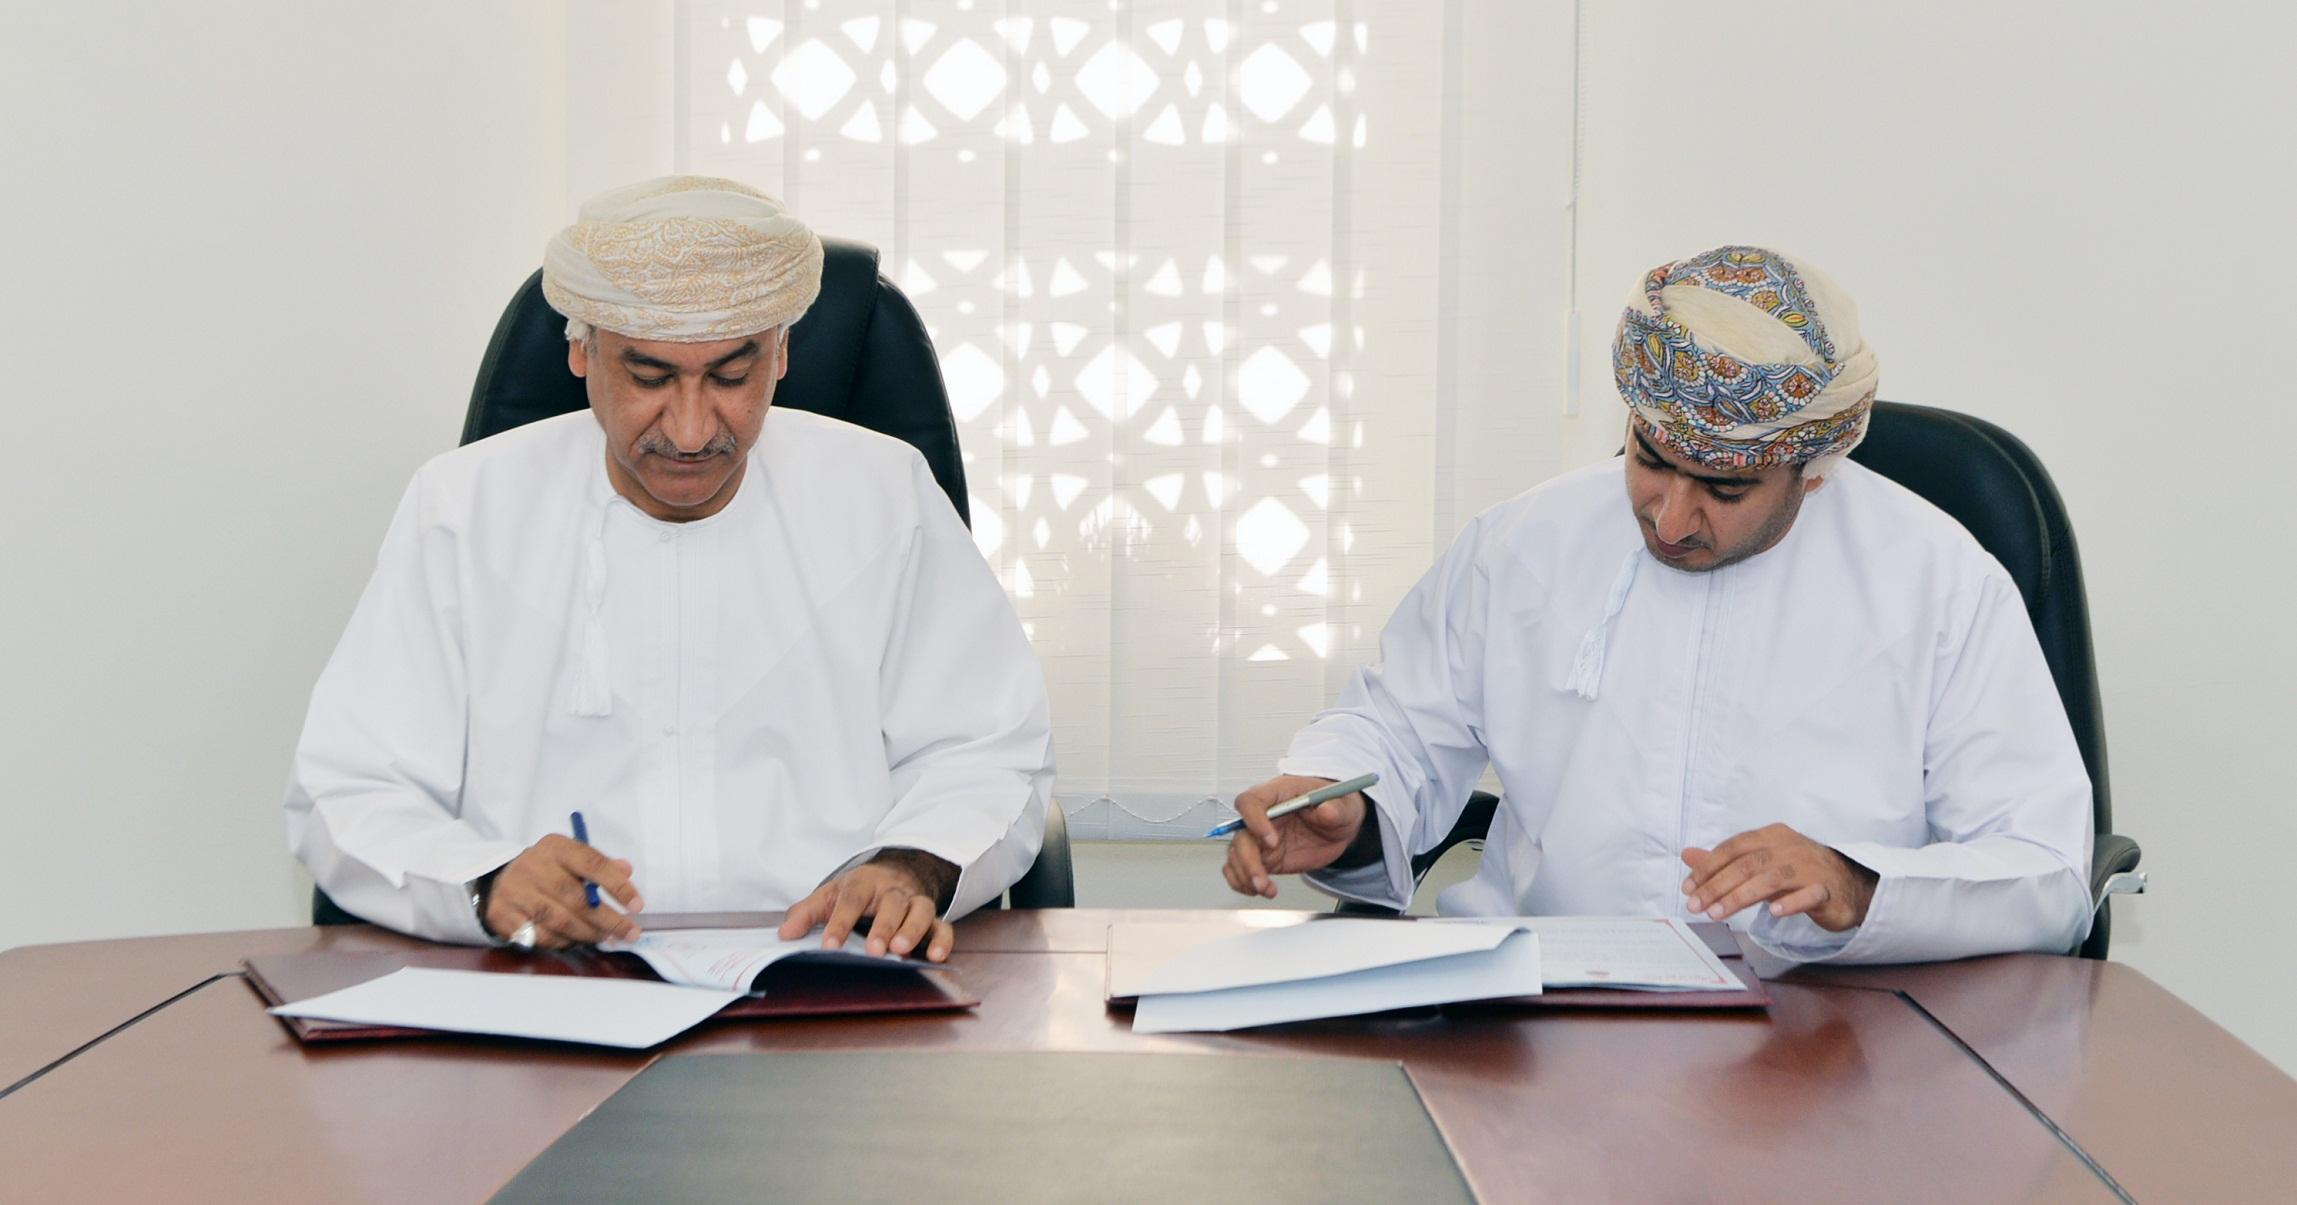 بلدية مسقط تقدم 8 خدمات عبر مراكز سند للخدمات